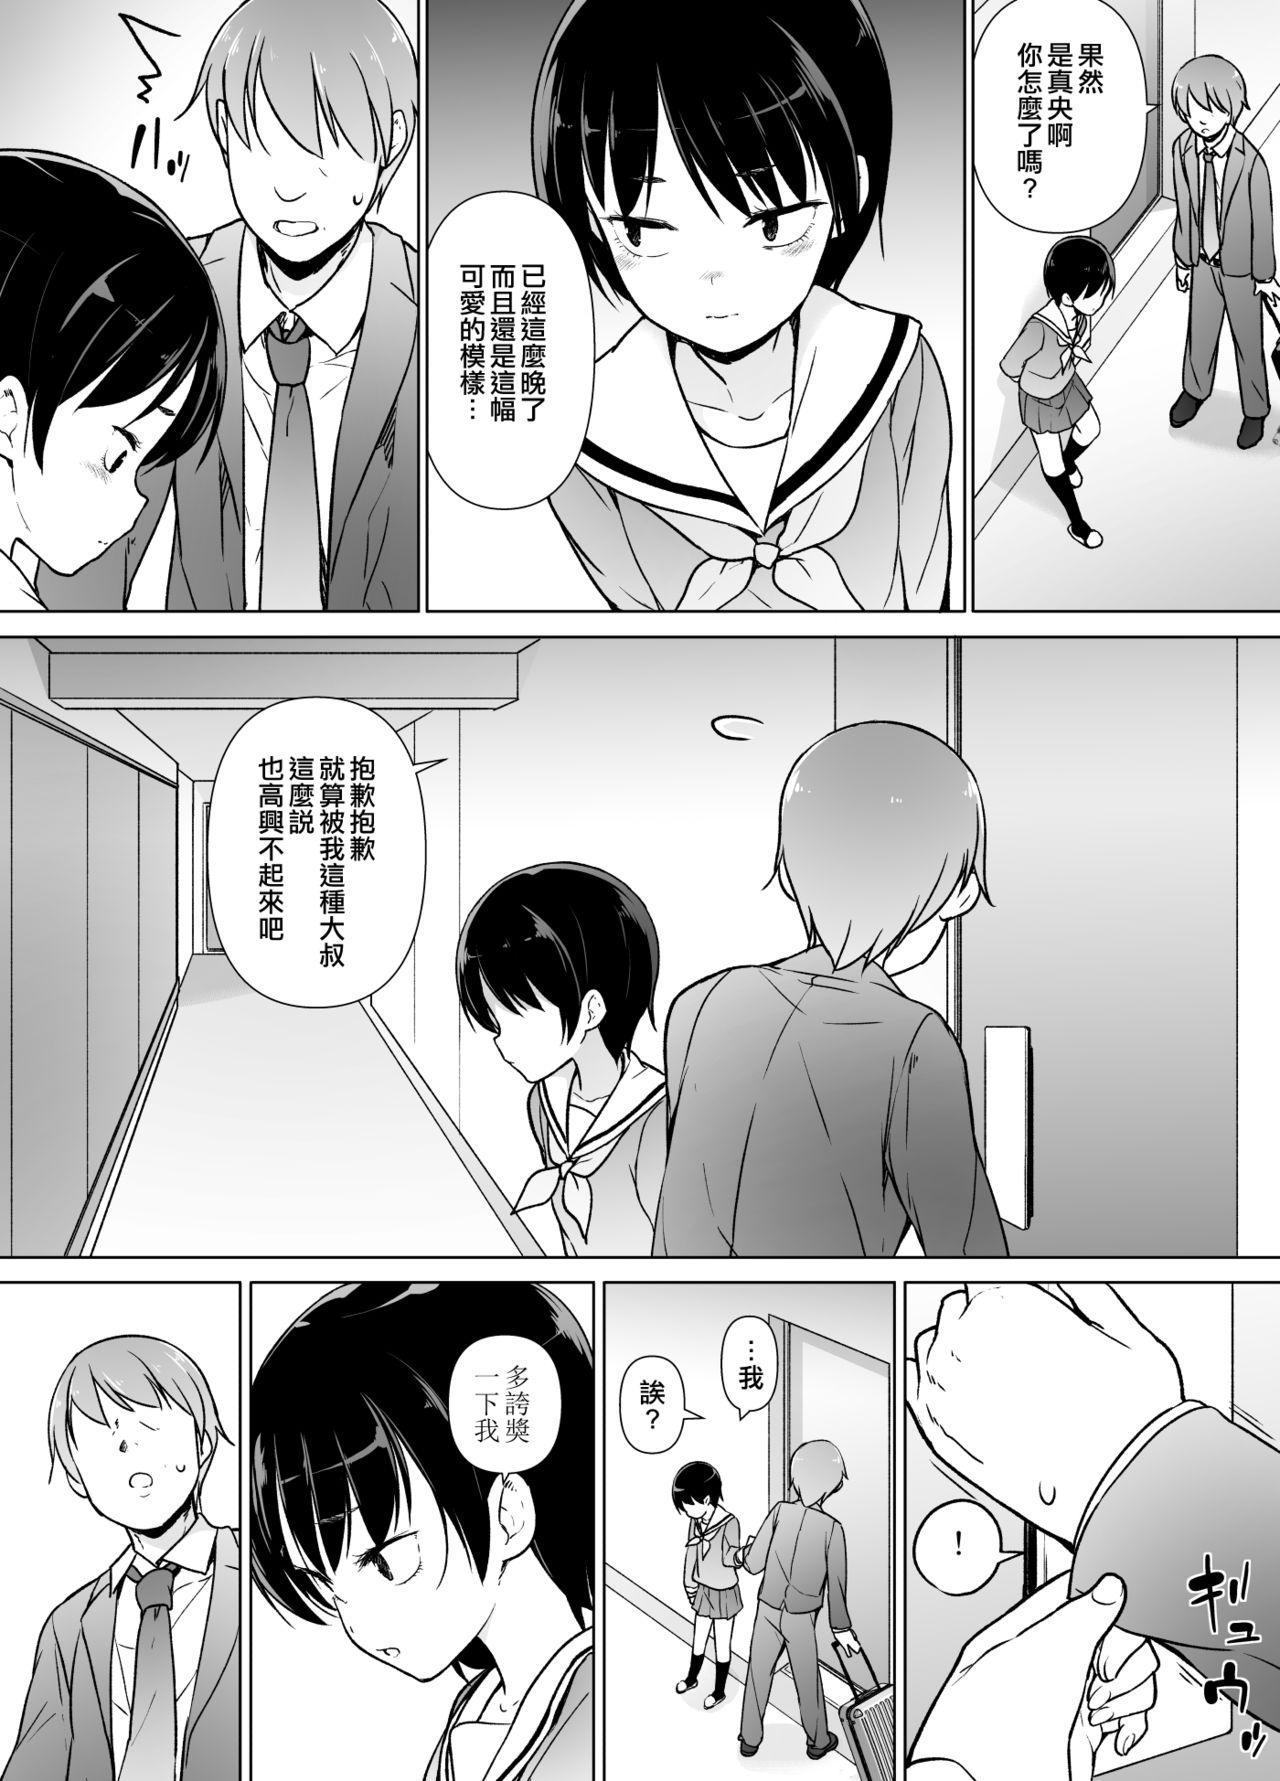 Josoukko no Boku wa Tonari no Oji-san no Mono ni Naru 15